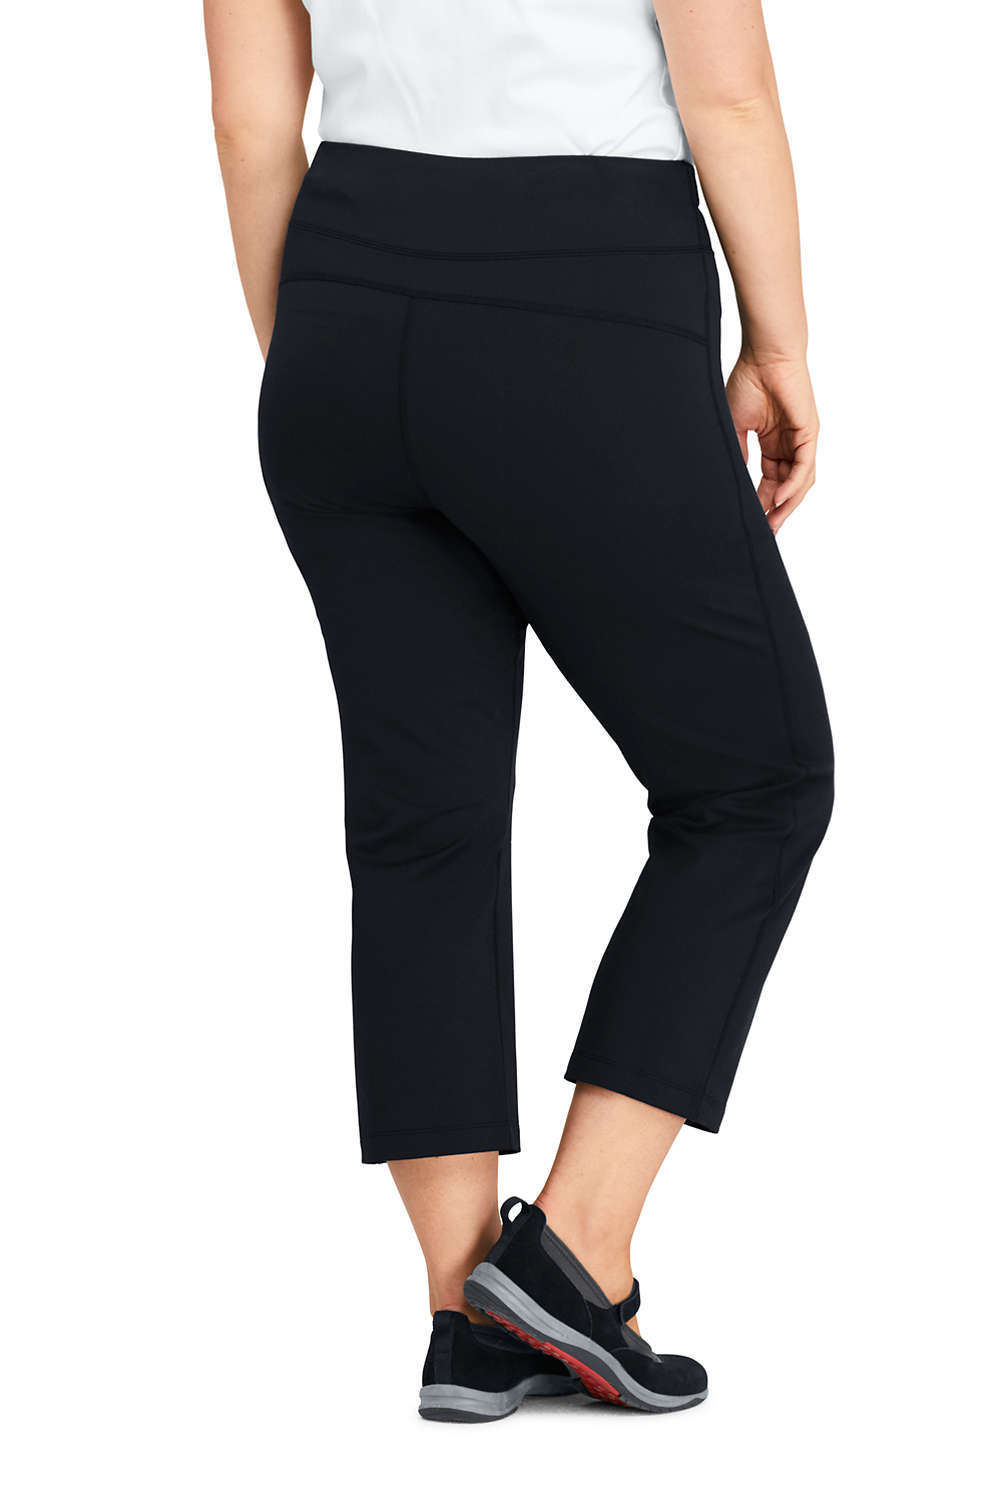 dd9806647b Women s Plus Size Active Capri Yoga Pants from Lands  End